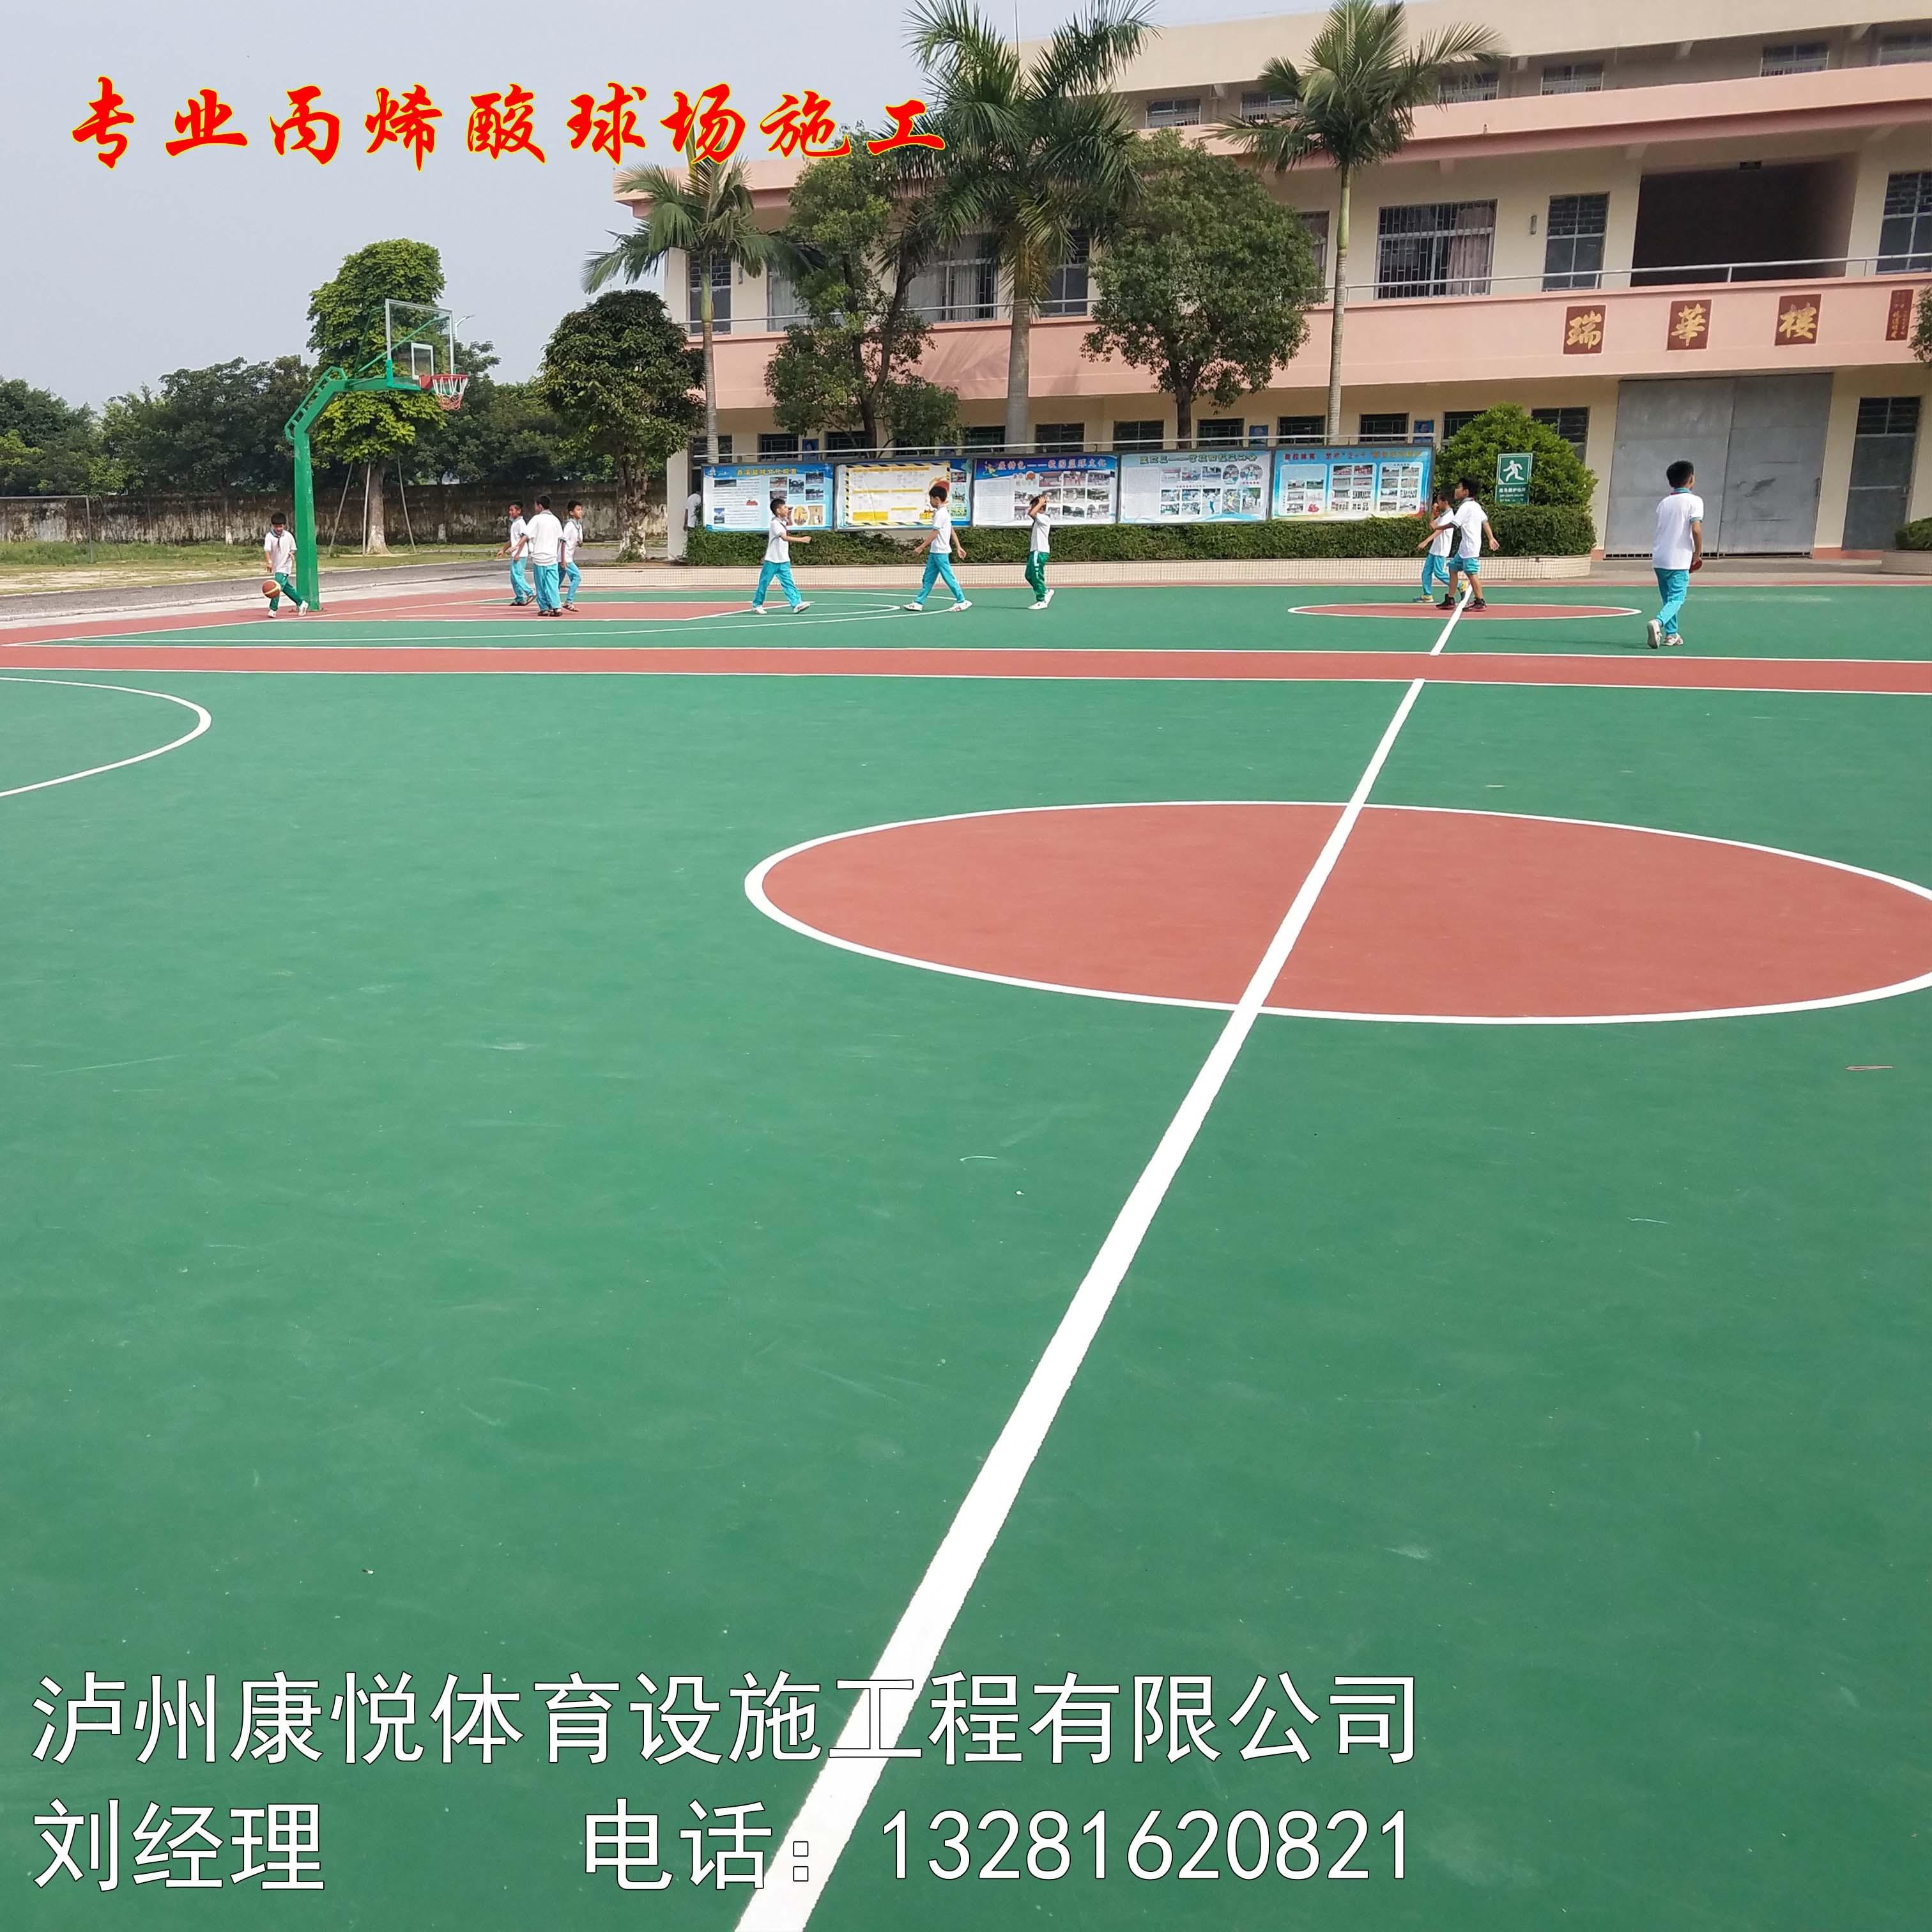 四川硬地丙烯酸篮球场施工厂家 篮球场地坪施工 环保篮球场材料